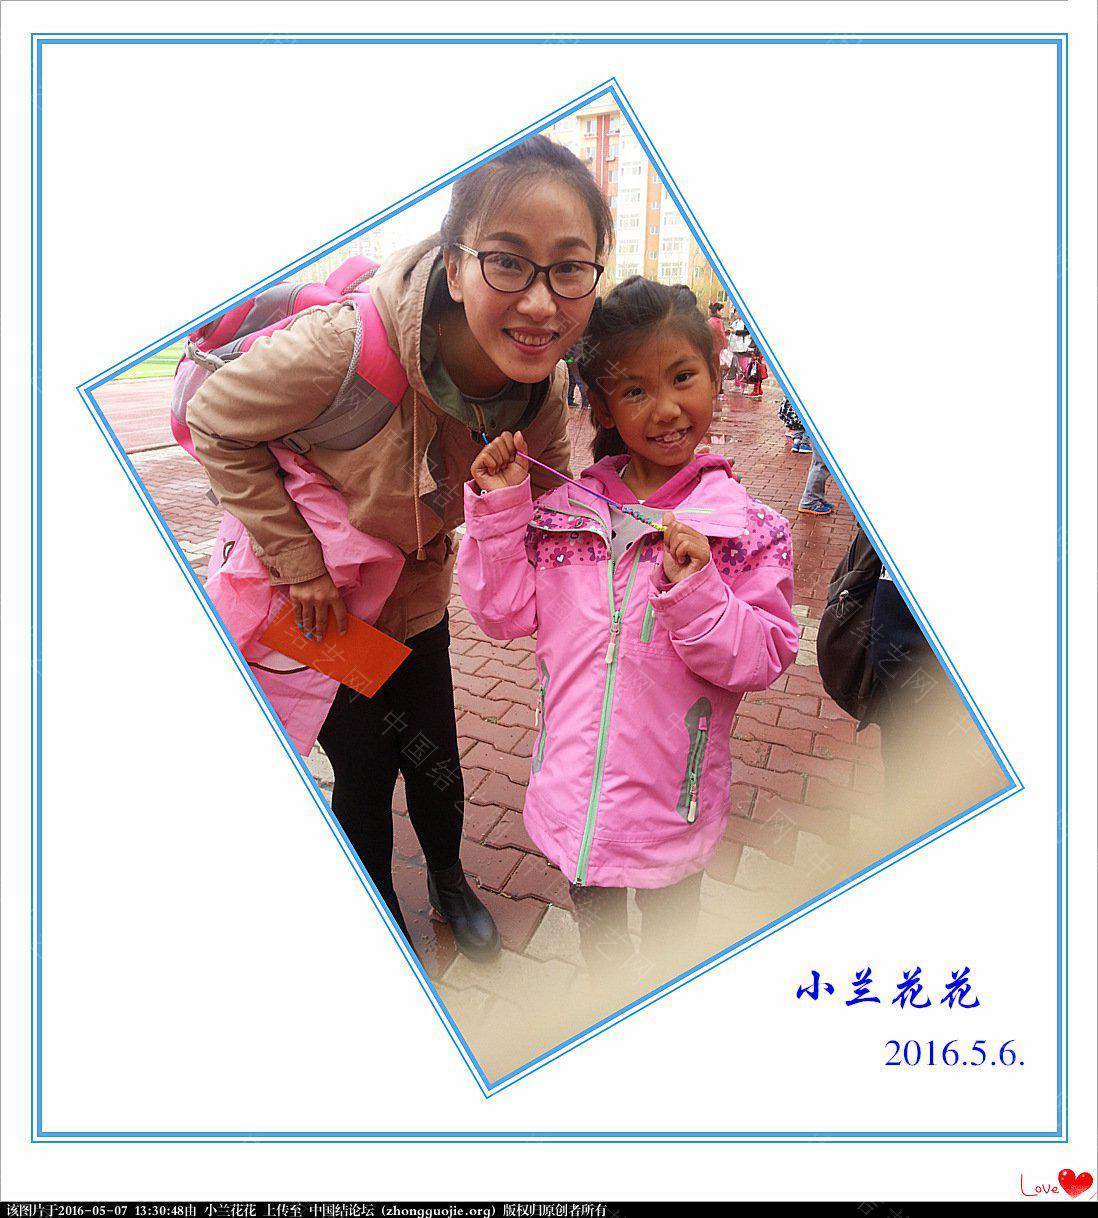 中国结论坛 您的爱完美无瑕 中华民族,传统文化,妈妈的爱,中国,天下 结艺网各地联谊会 132033x5szjqszi2j222ju